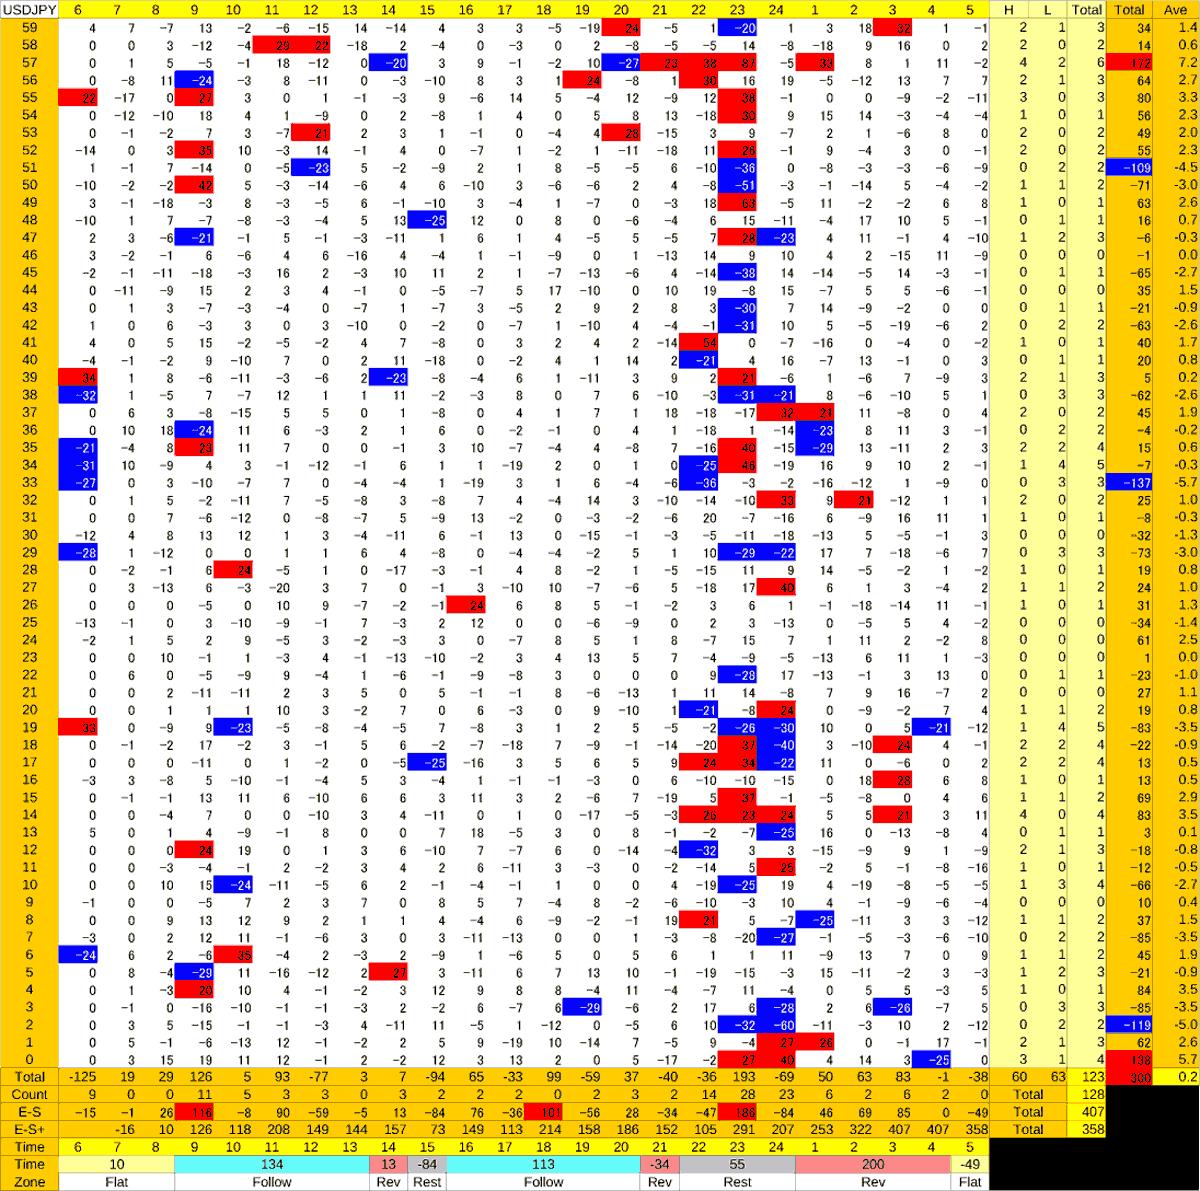 20200630_HS(1)USDJPY